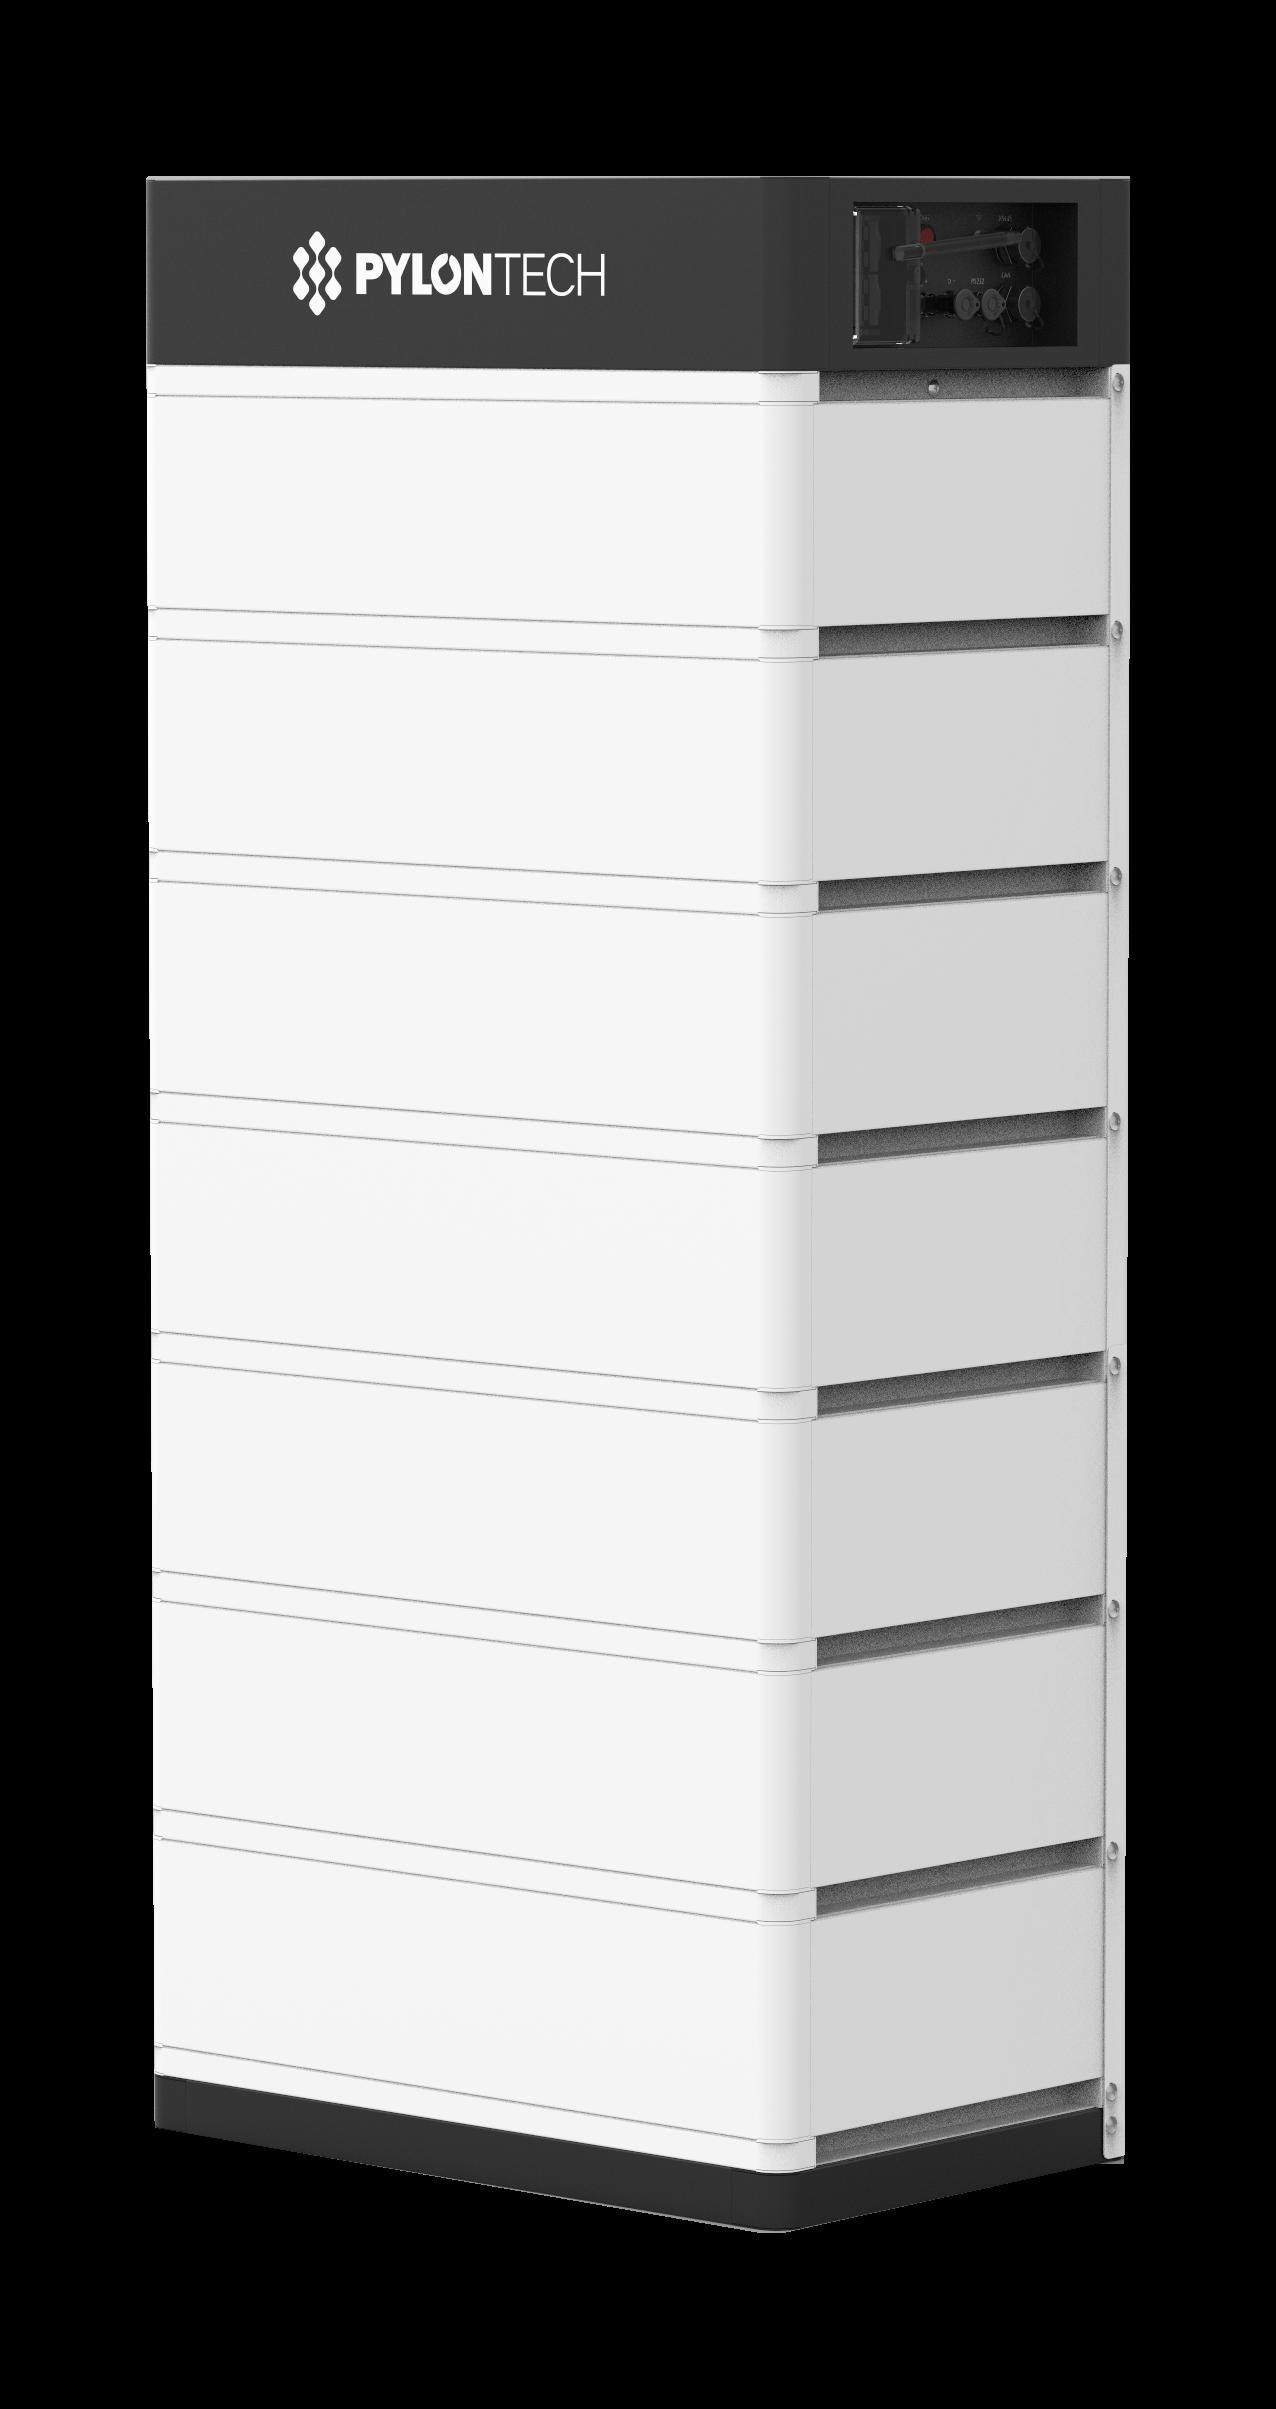 Pylontech battery image